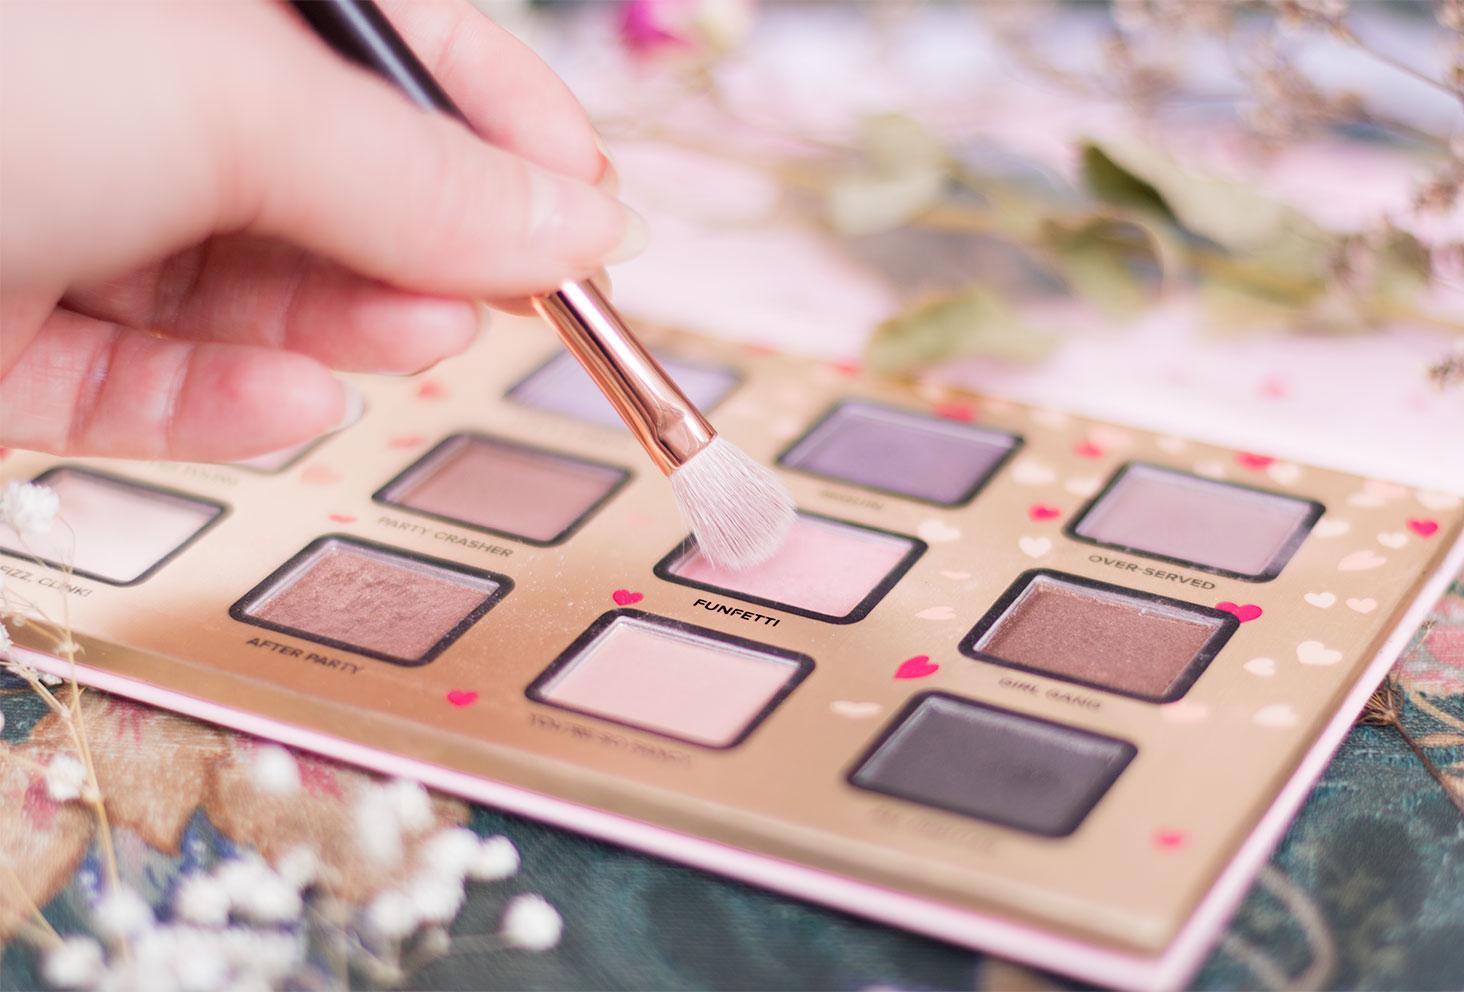 Zoom sur le fard 7 à utiliser pour le make-up avec la palette Funfetti de Too Faced